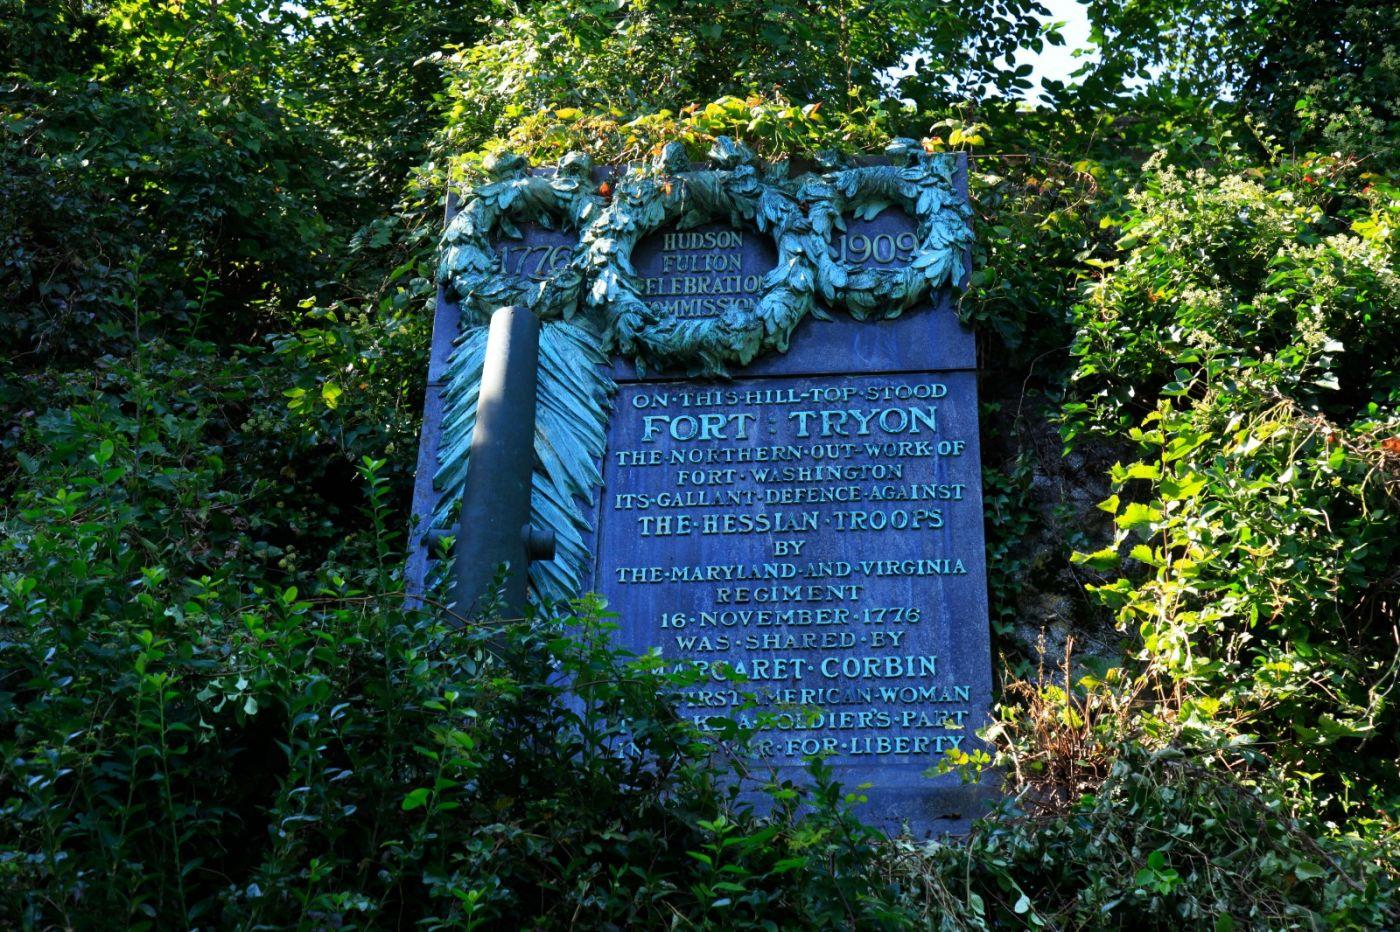 一年一度的崔恩堡公园中世纪节热闹非凡_图1-36